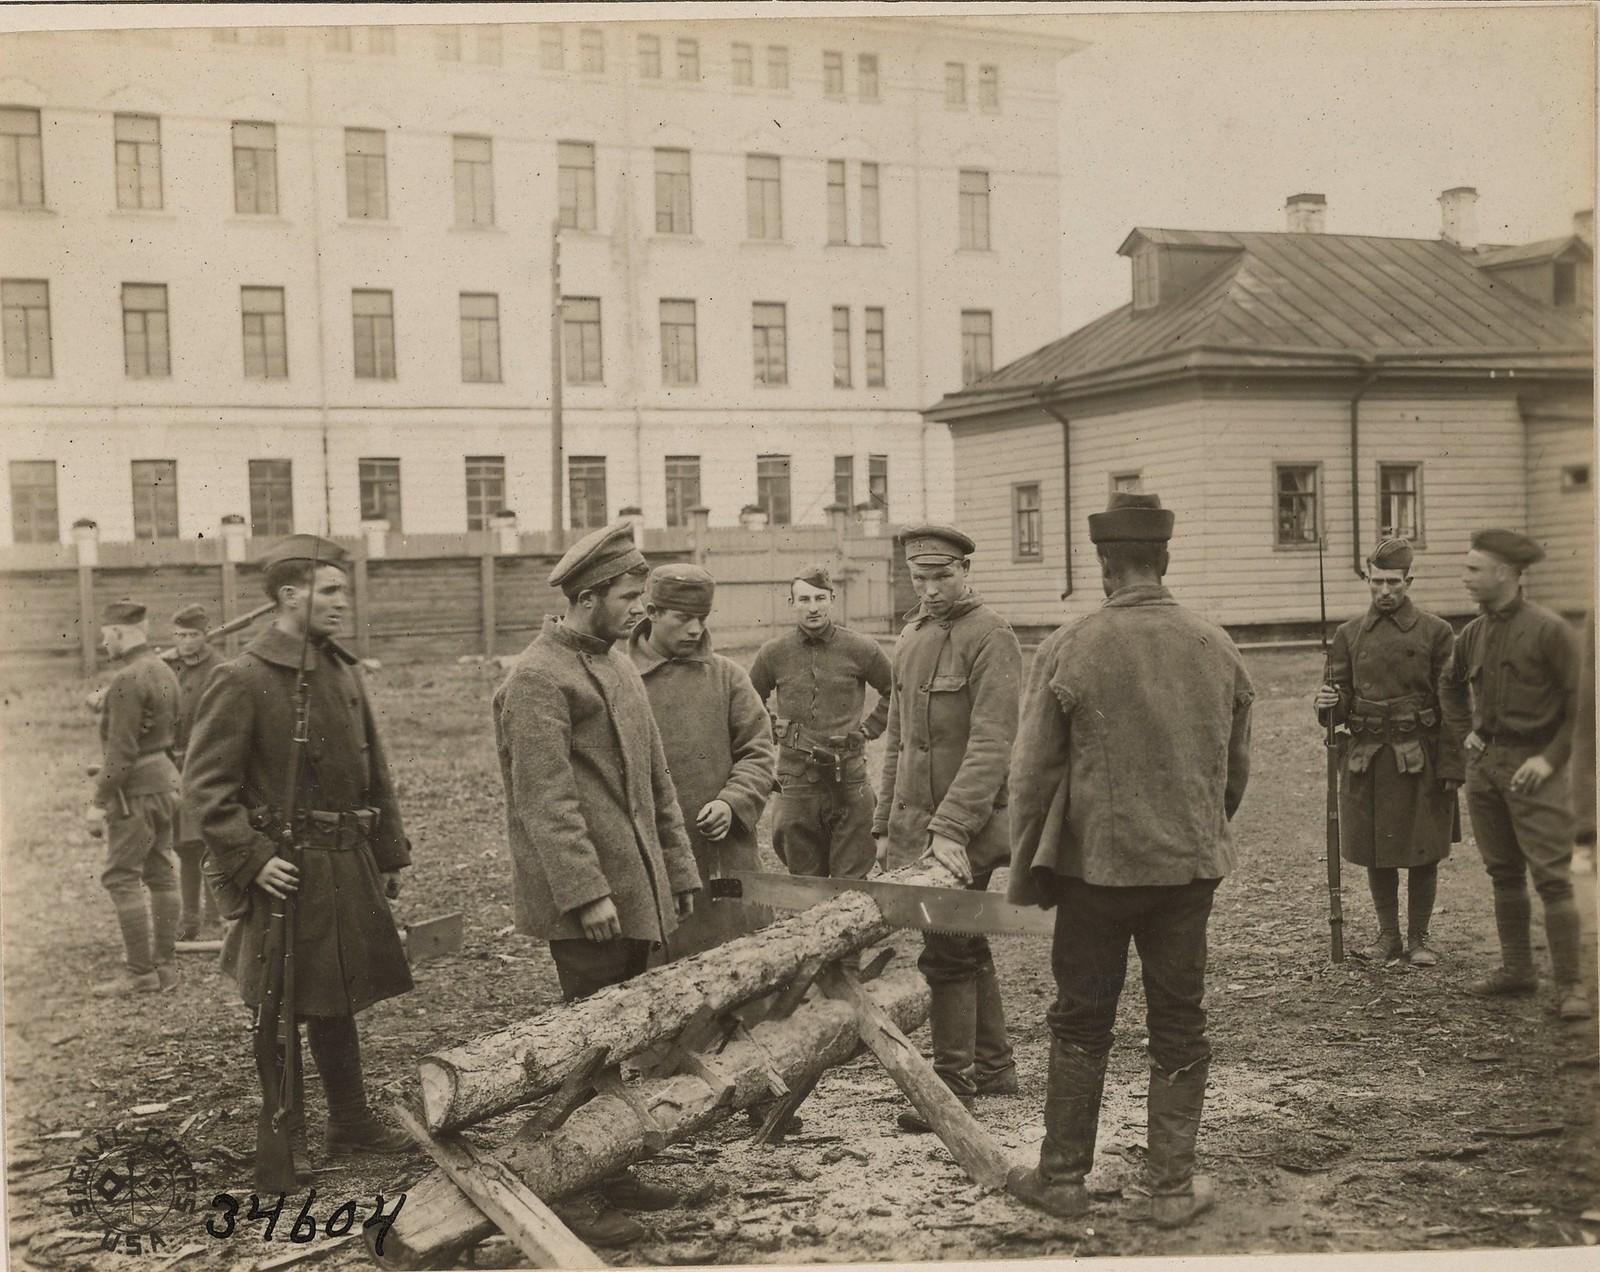 Архангельск. Пленные большевики под присмотром американского охранника пилят дрова